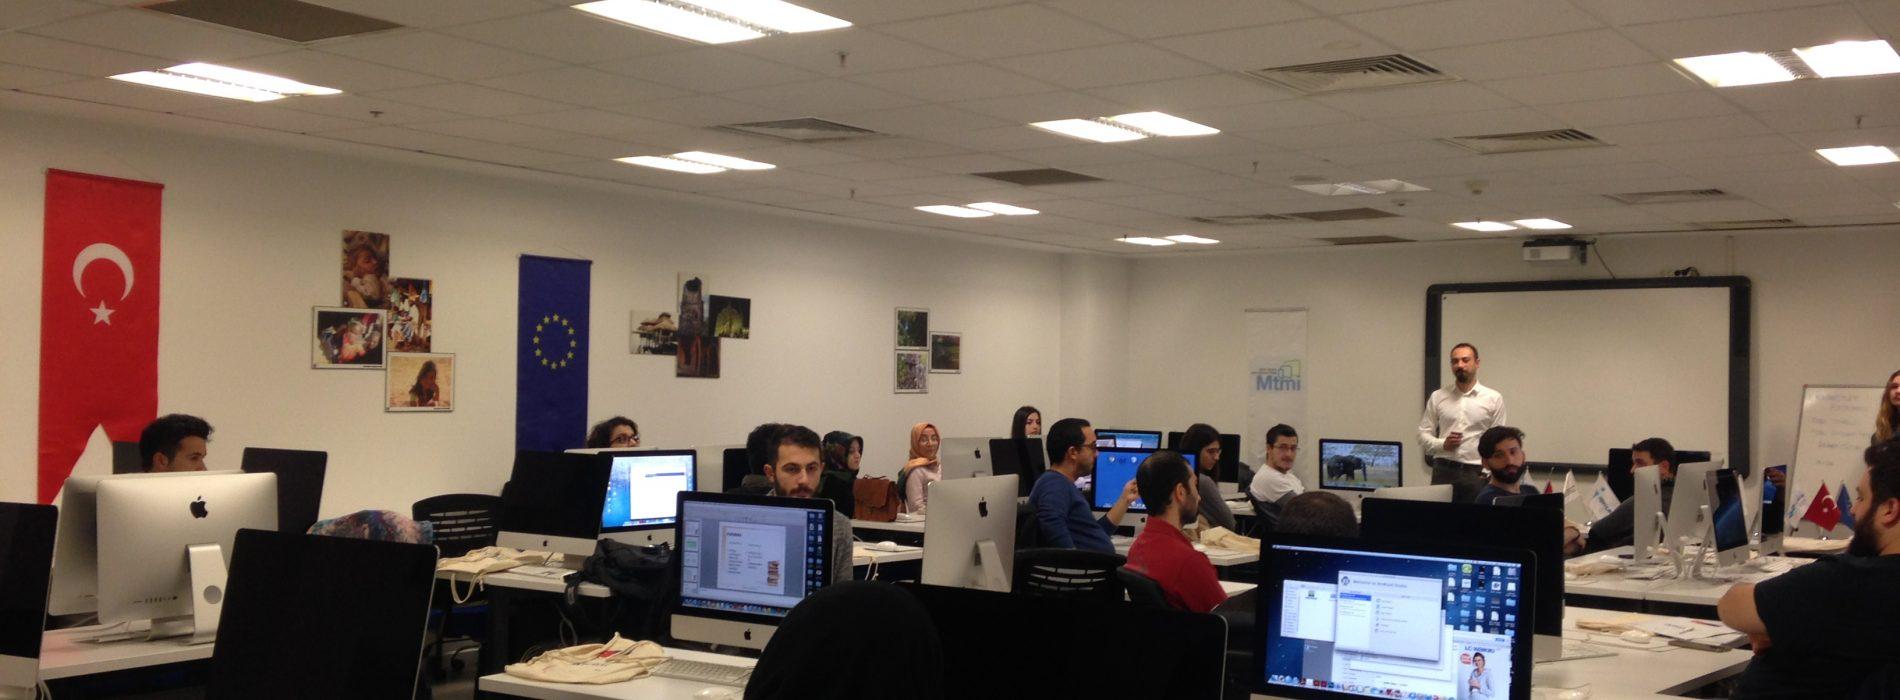 Mobil Teknoloji, Mobil İstihdam Projesi 3.Dönem Eğitimleri Başladı!